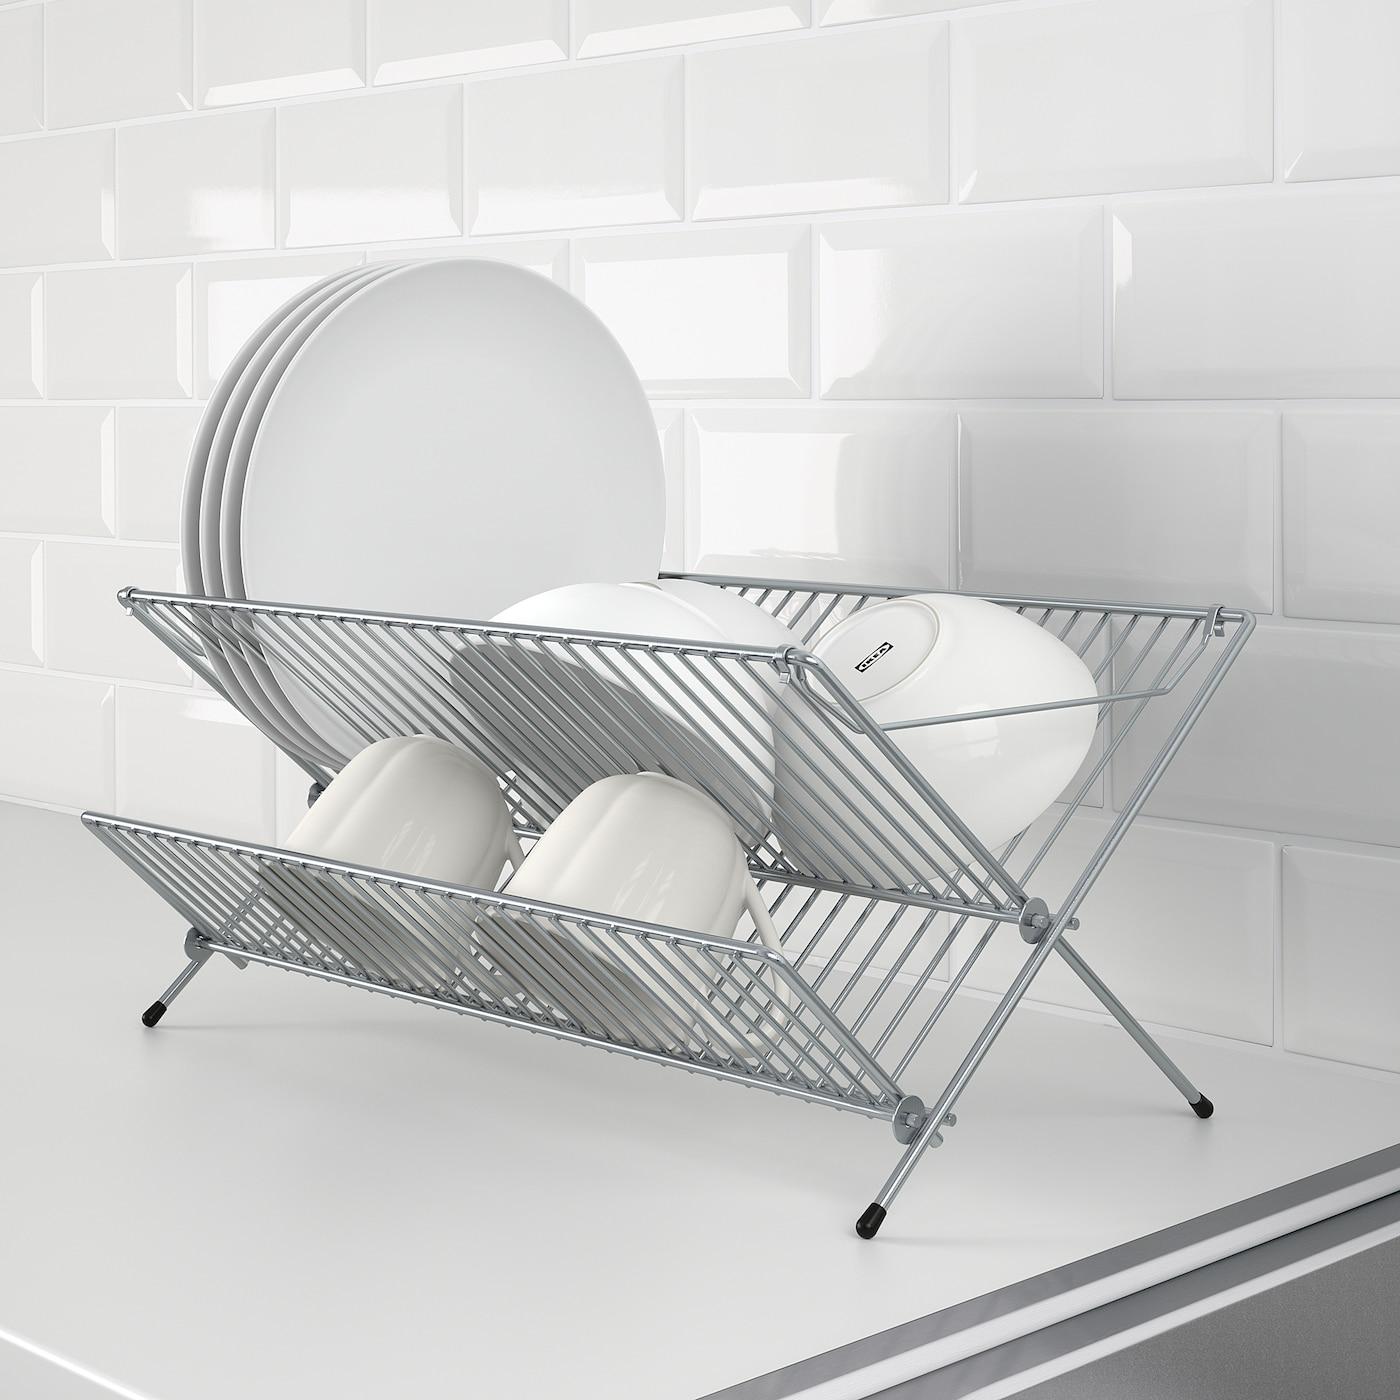 Ikea Kvot memiliki kapasitas besar dan bisa dilipat (Foto: Ikea)